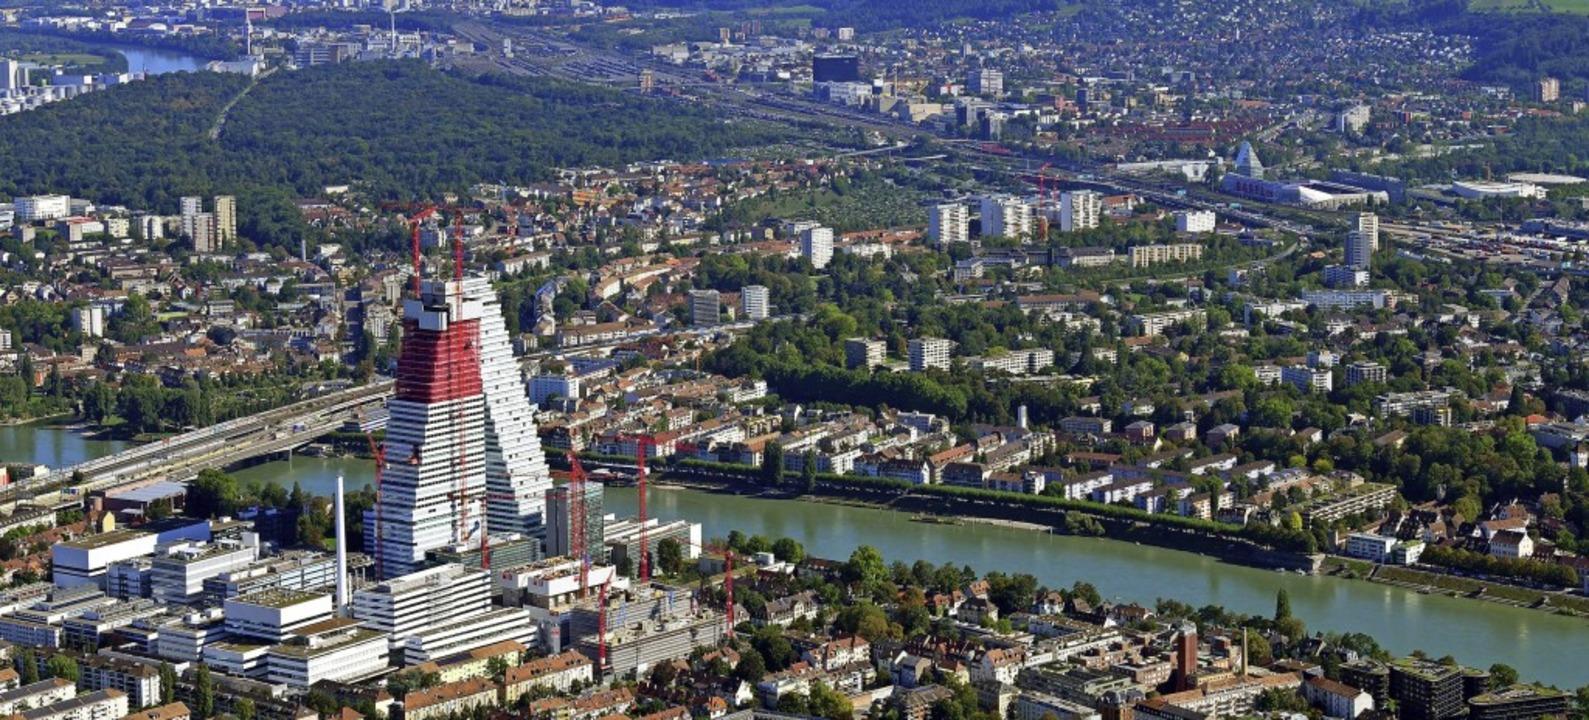 Die gute wirtschaftliche Entwicklung u...sst die Stadt am Rhein weiter wachsen.  | Foto: Erich Meyer